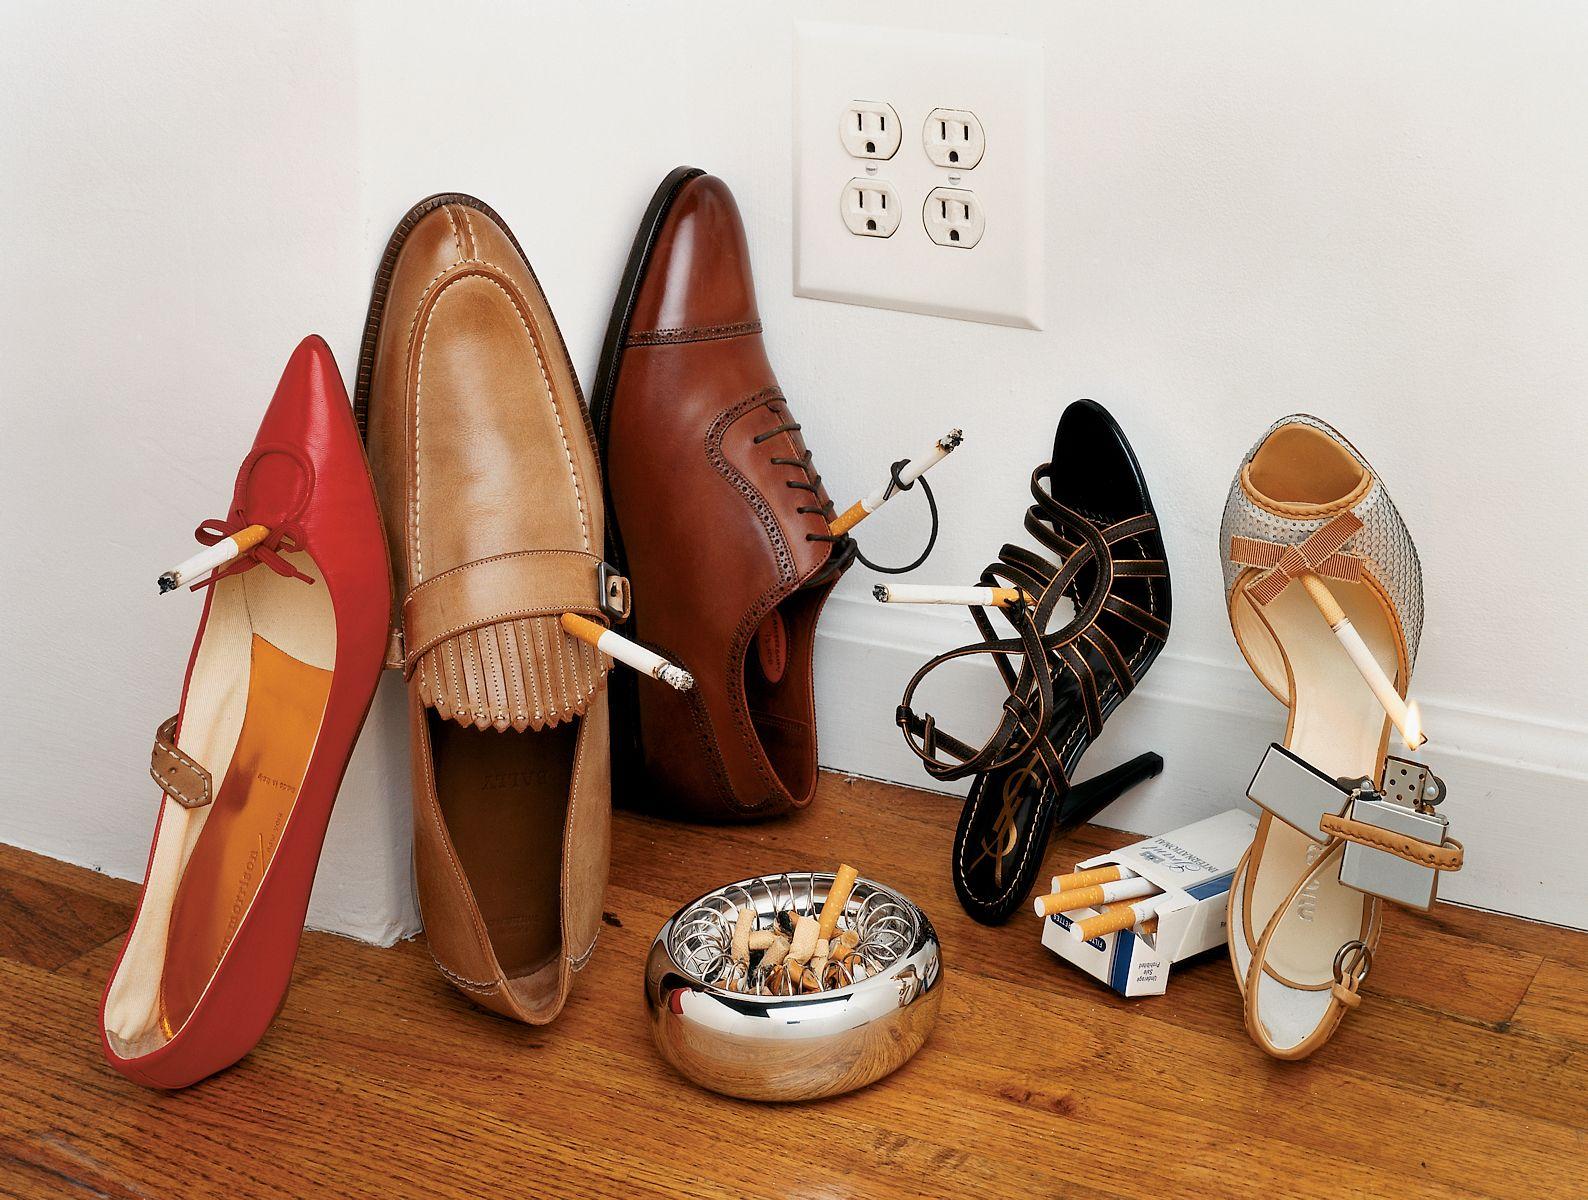 Bela Borsodi shoe photography